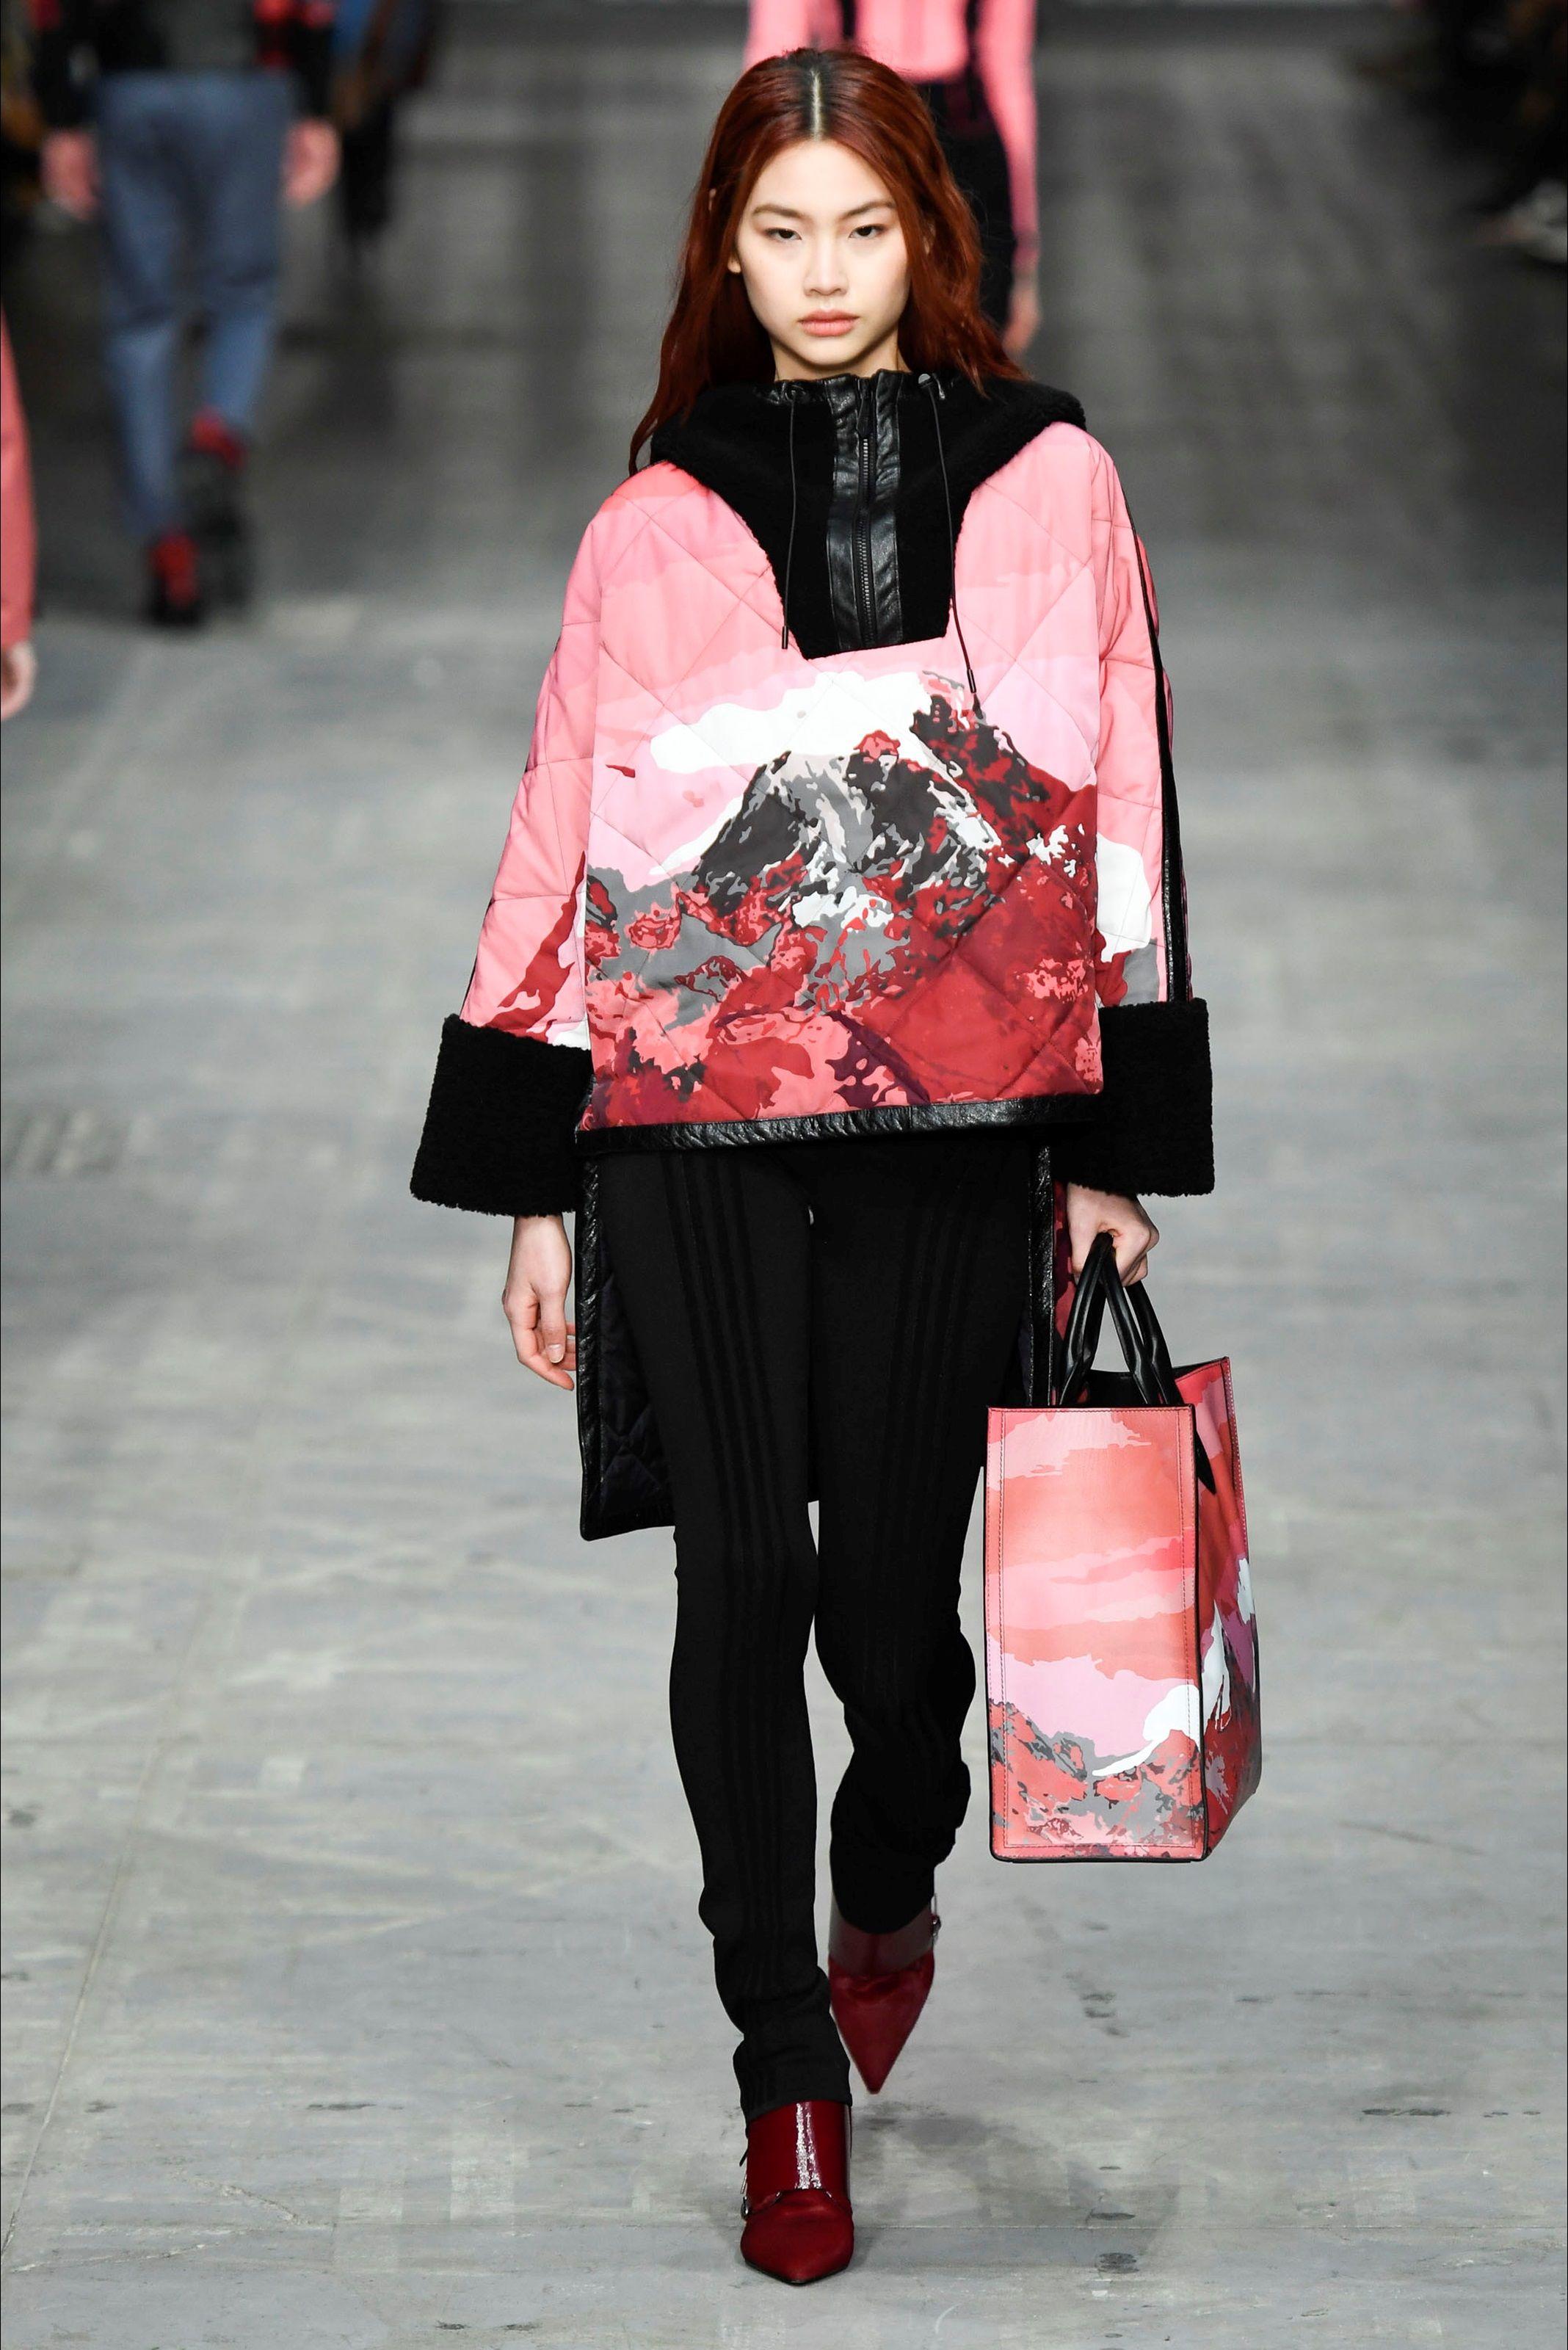 28+ Milano sfilata di moda ideas in 2021